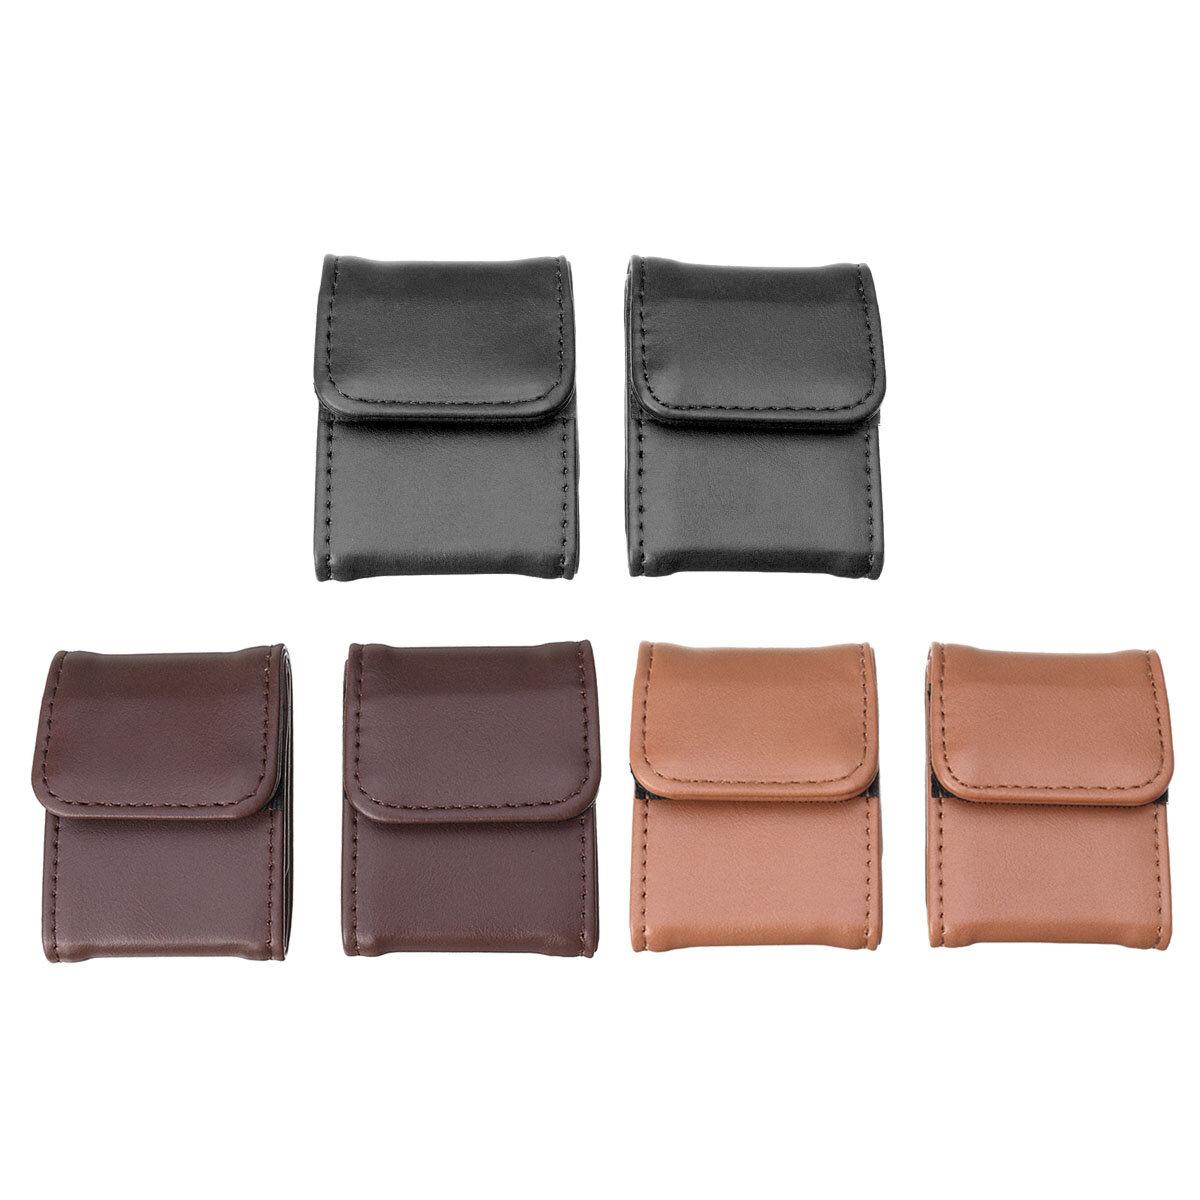 Ajustadores del cinturón de seguridad Coche Asiento Cinturón Protector de clip de bloqueo de seguridad extensor Cuello